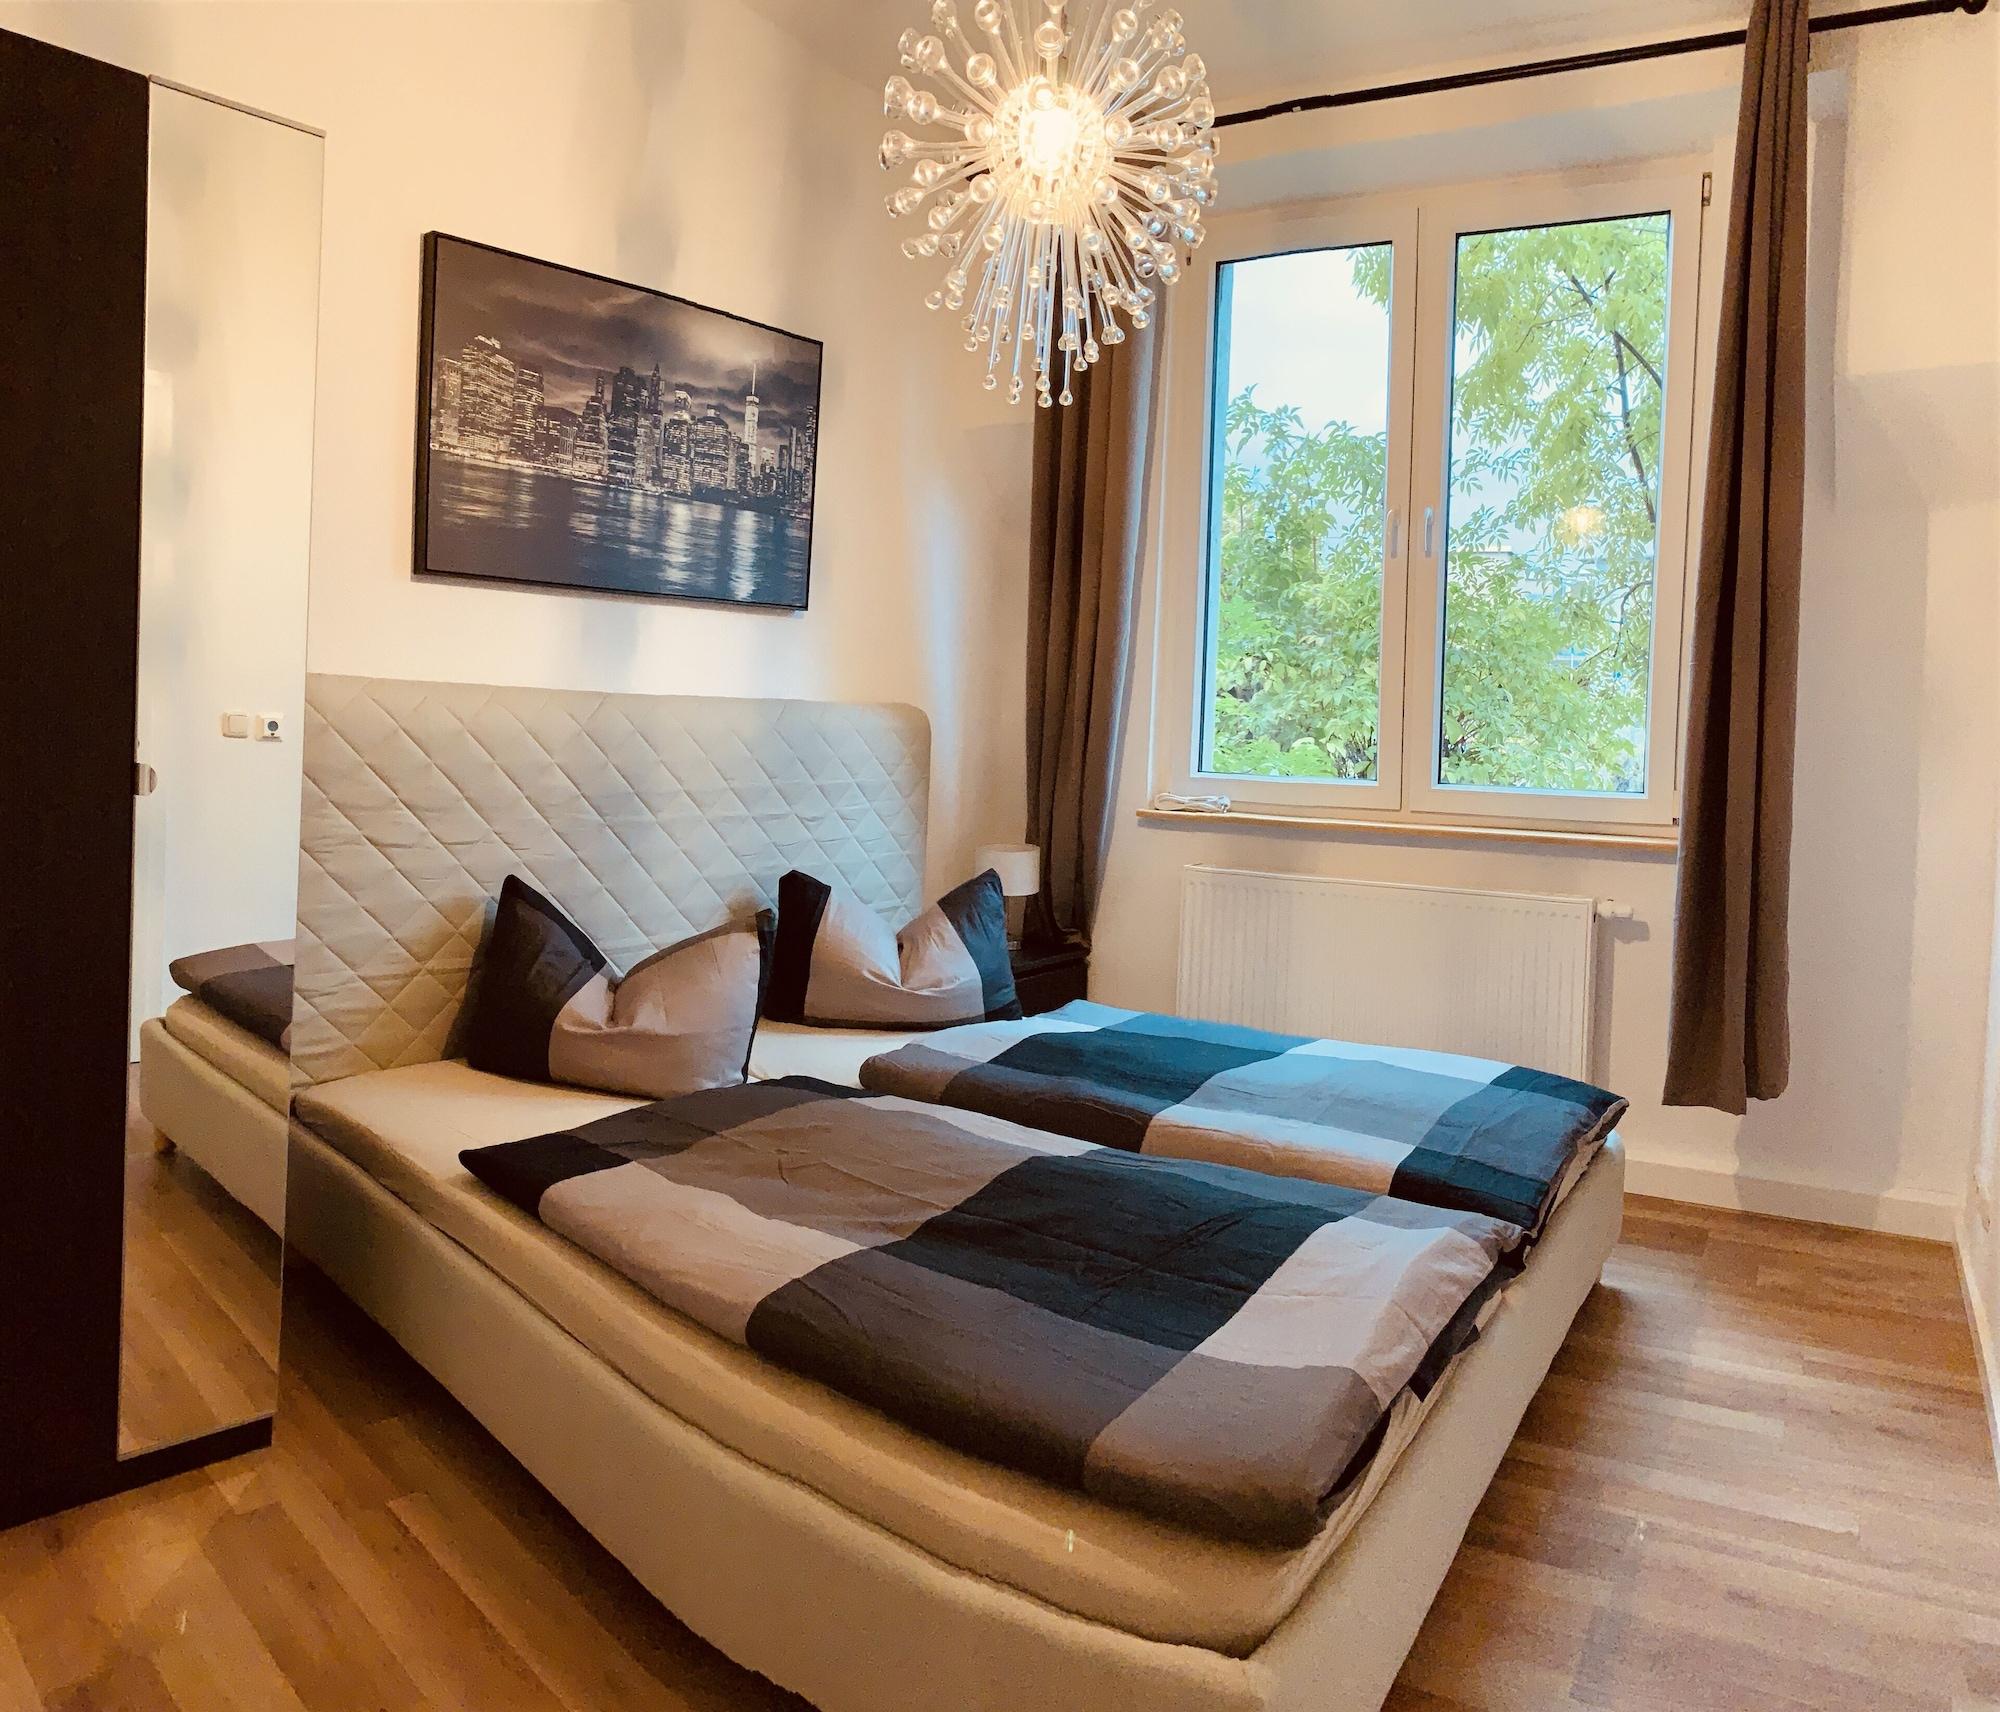 Suite Hundertwasser, Erfurt